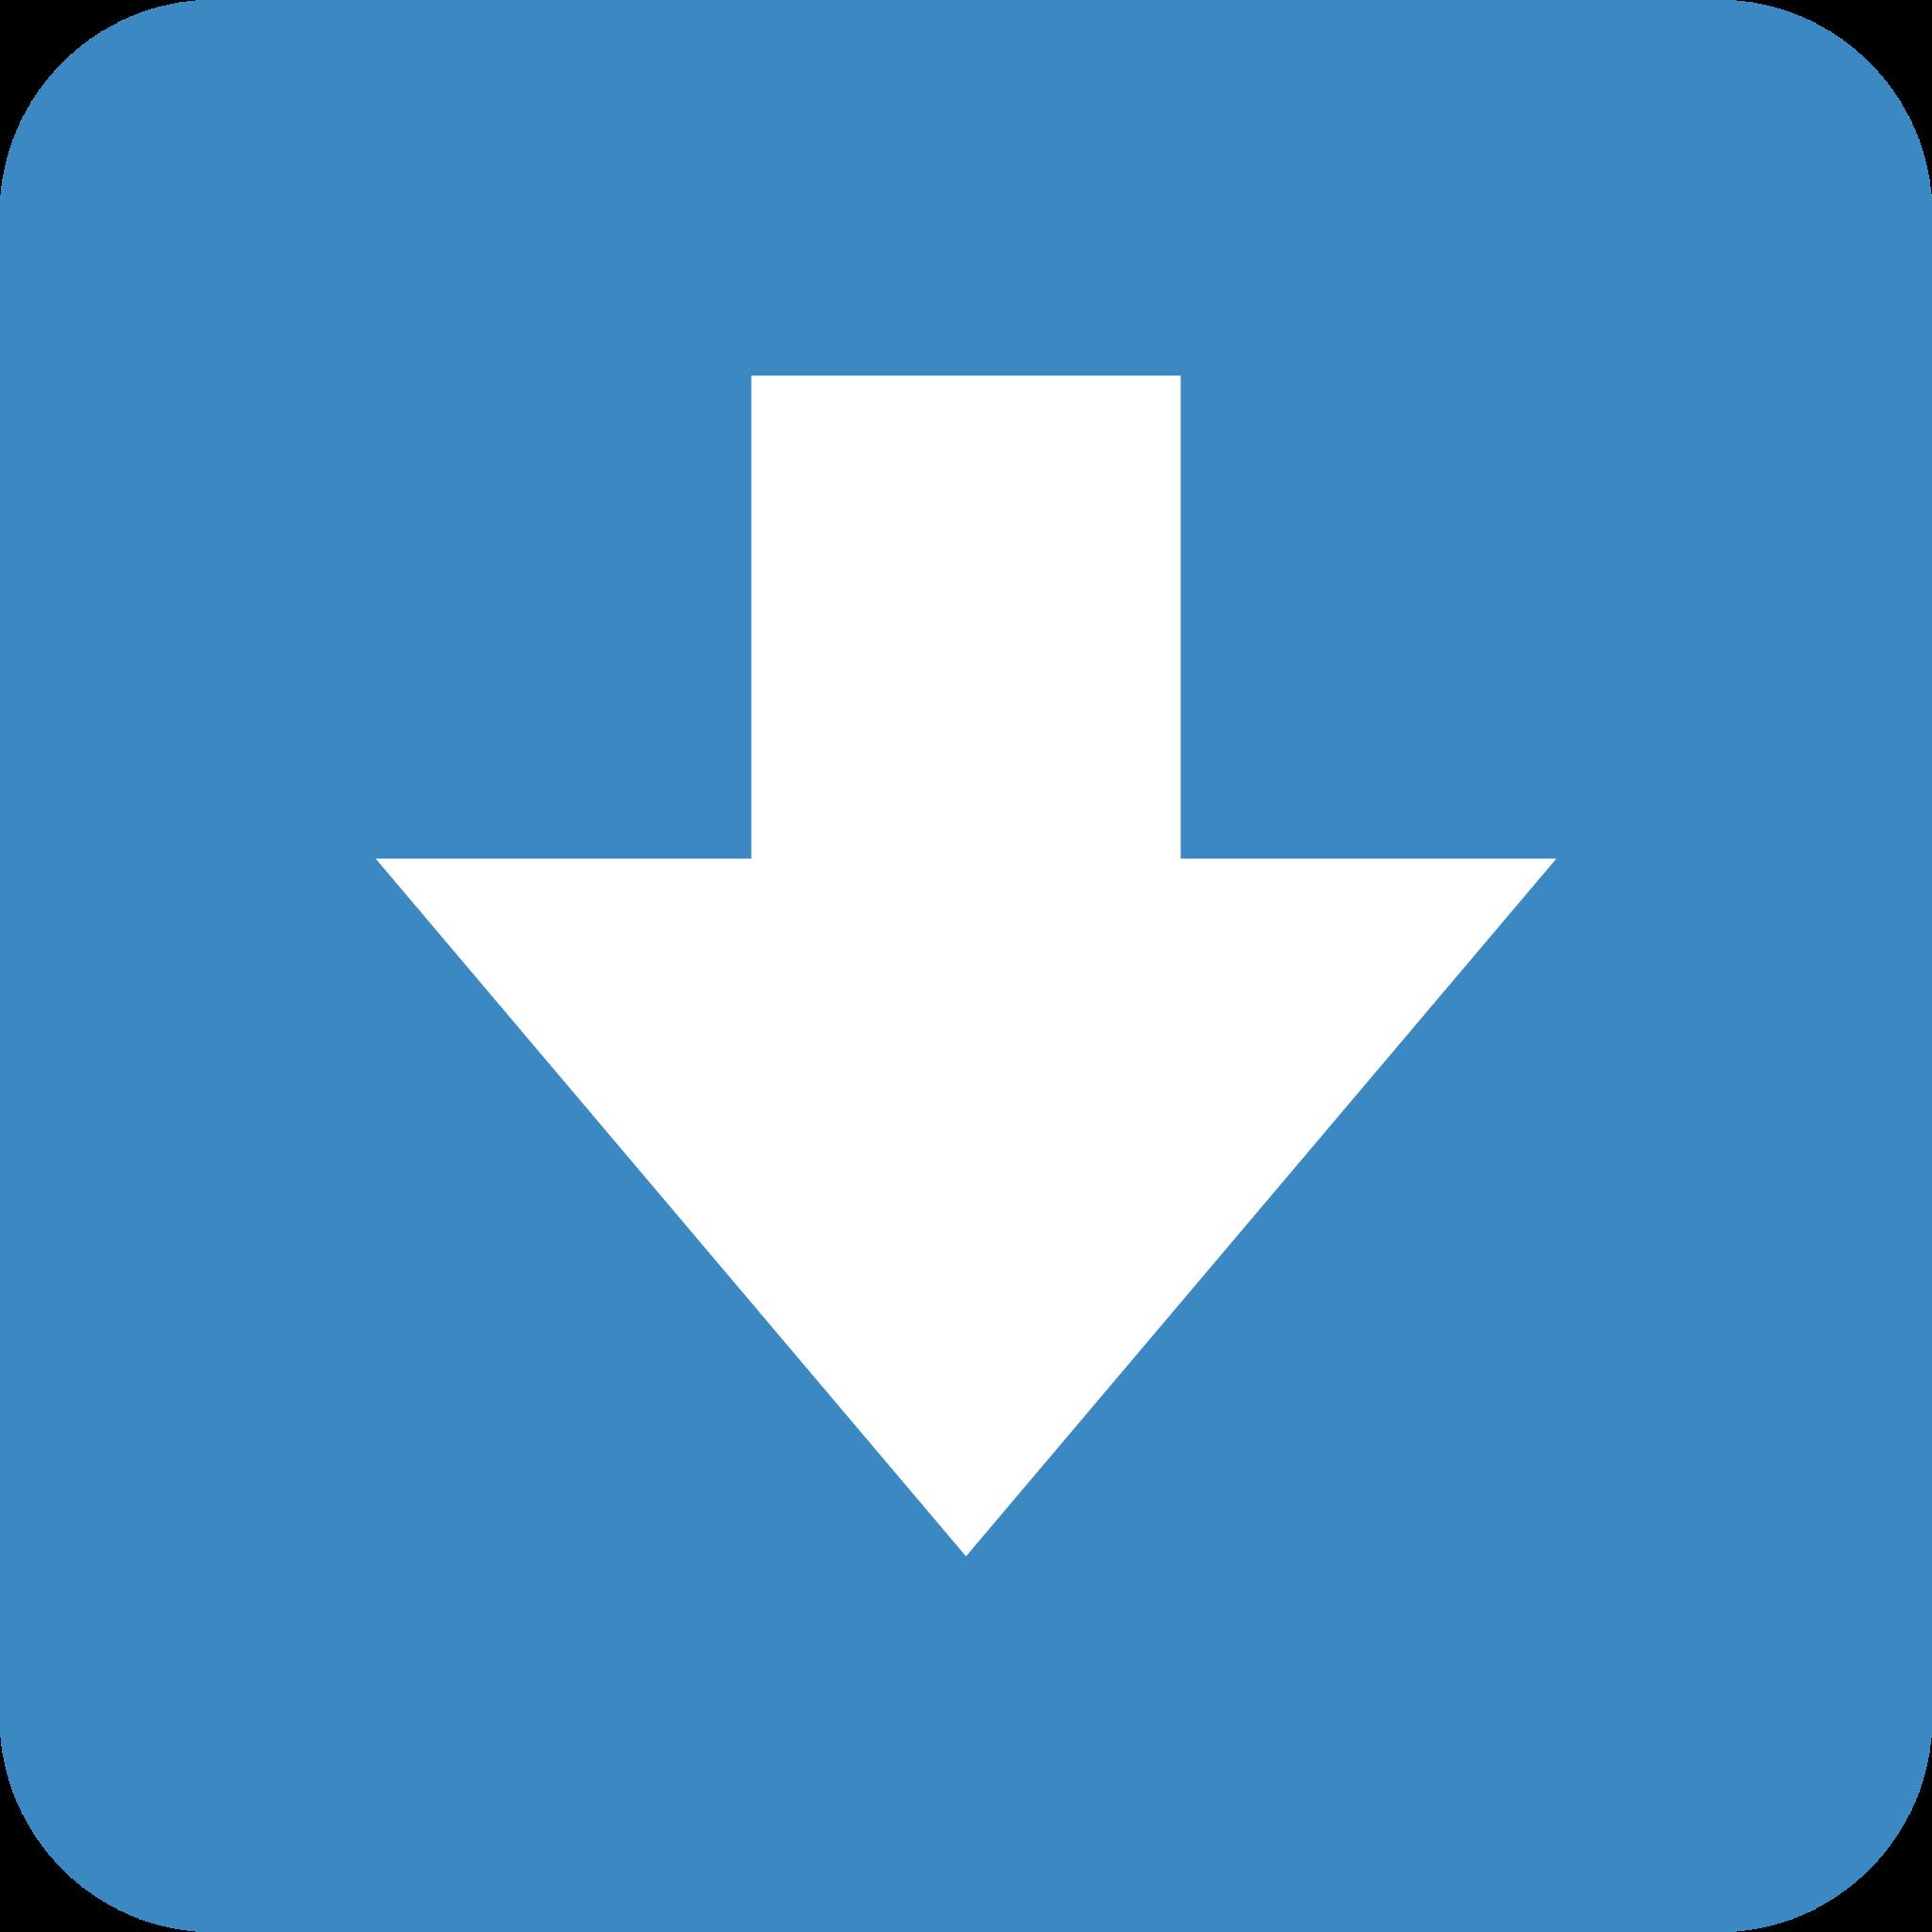 Sticker timeline: Downwards arrow